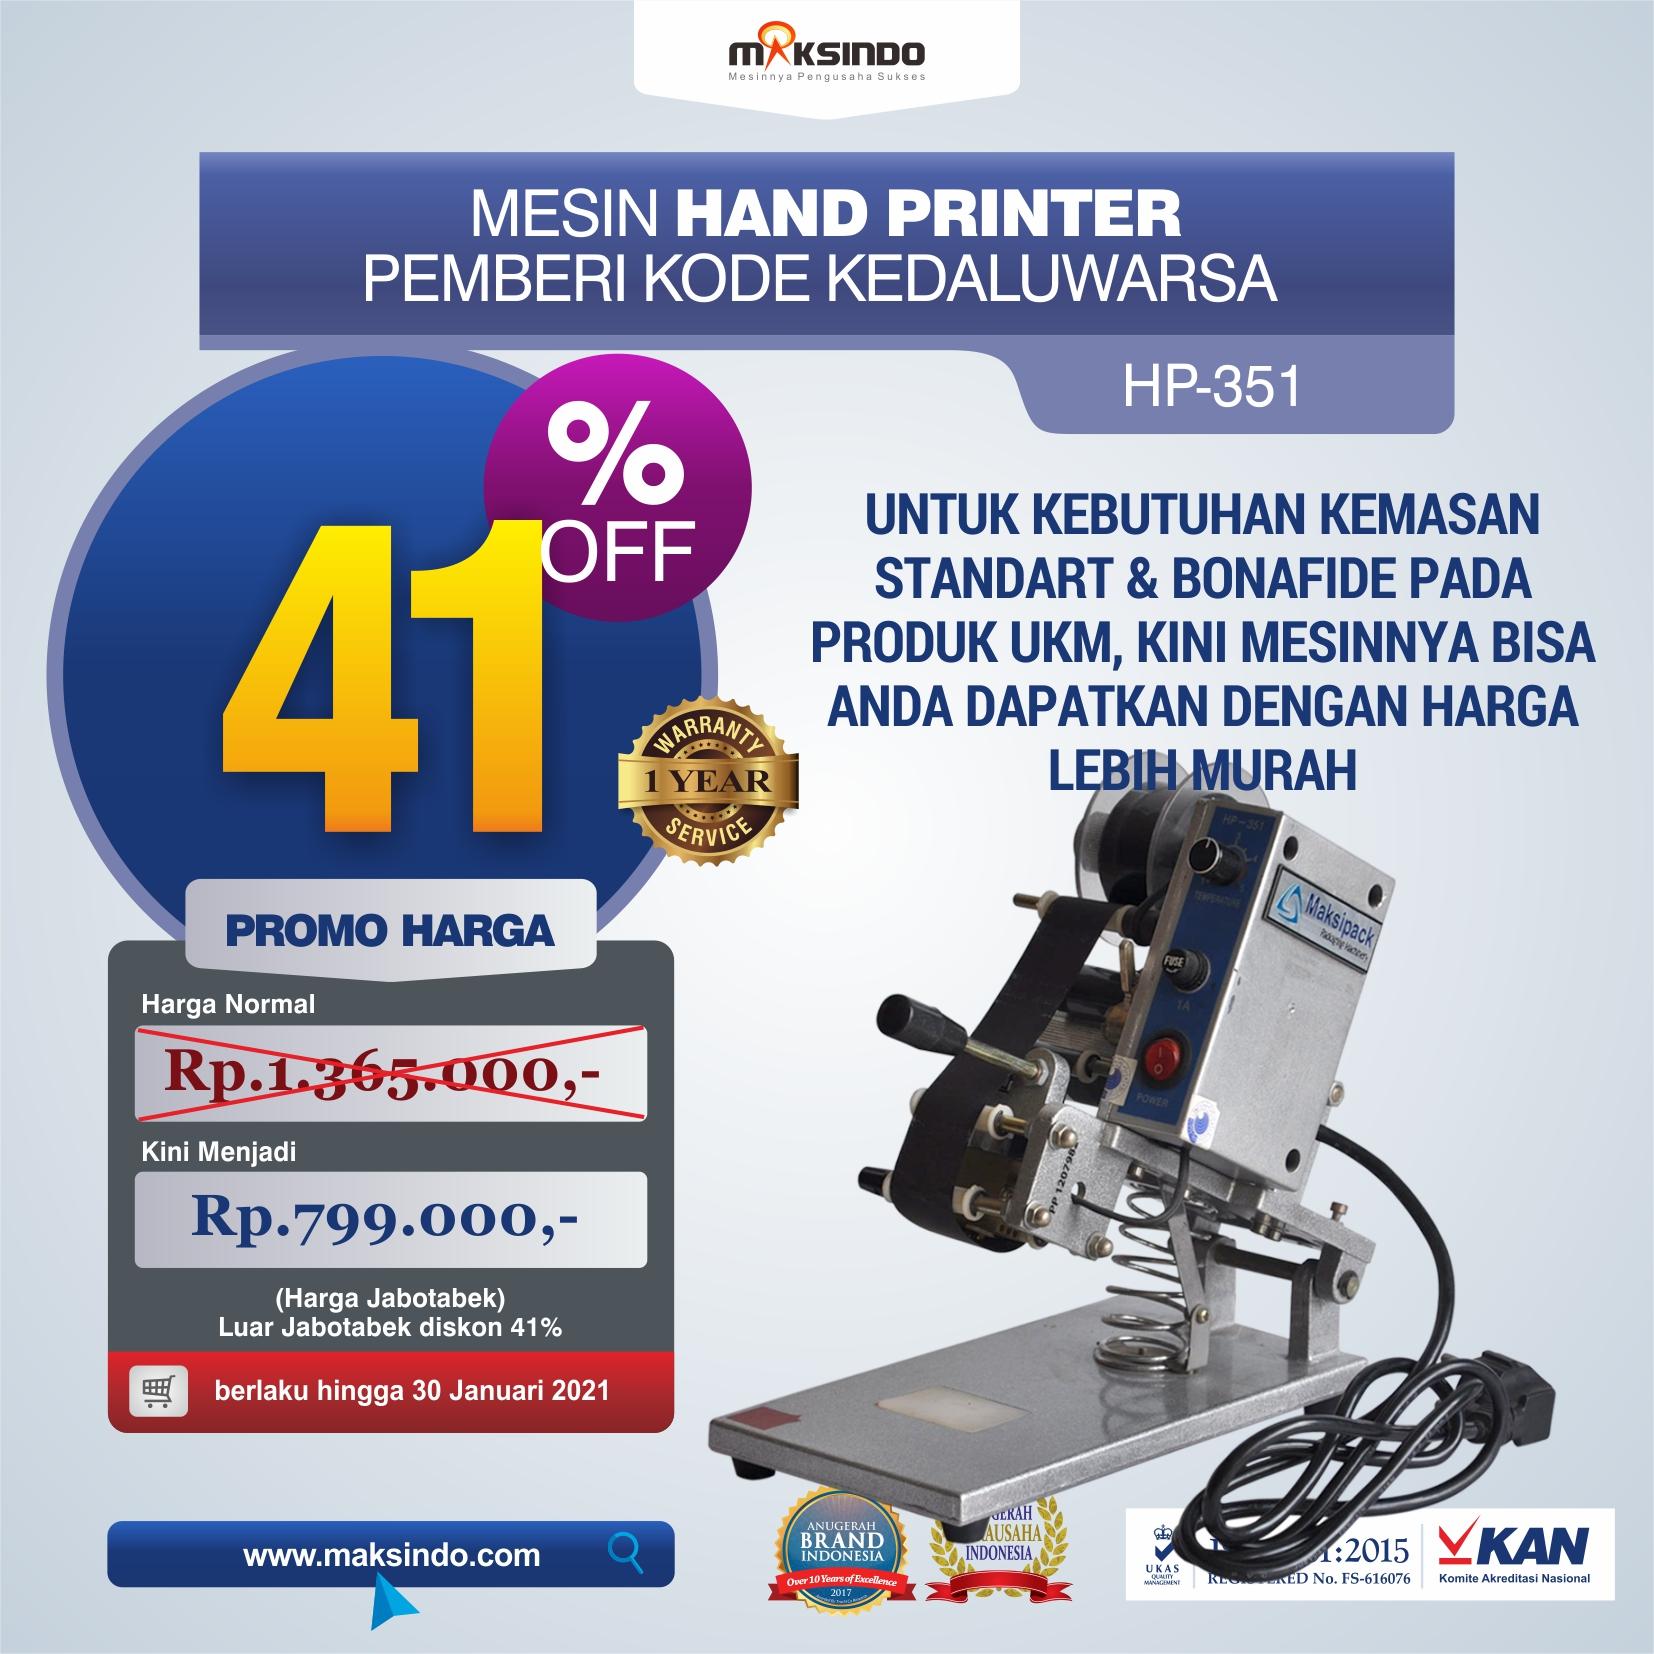 Jual Mesin Hand Printer (Pencetak Kedaluwarsa) di Solo